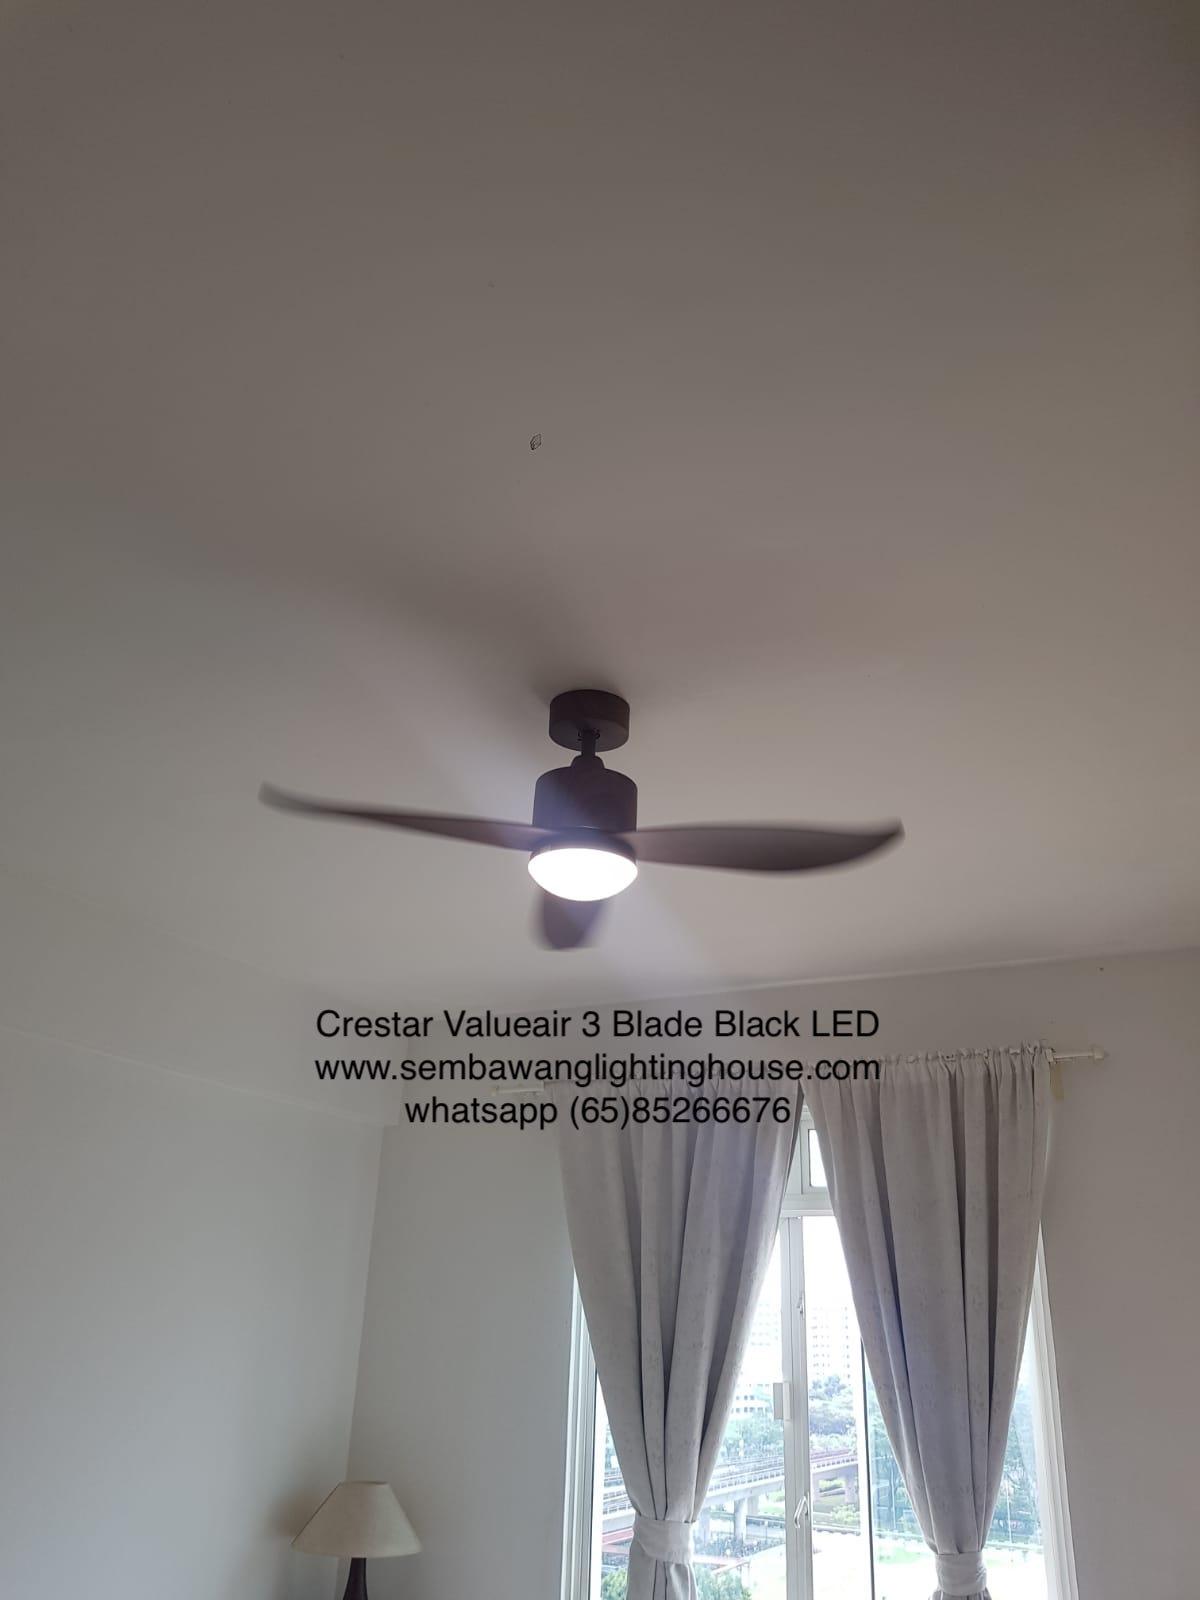 crestar-valueair-3-blade-black-ceiling-fan-sample-sembawang-lighting-house-04.jpg